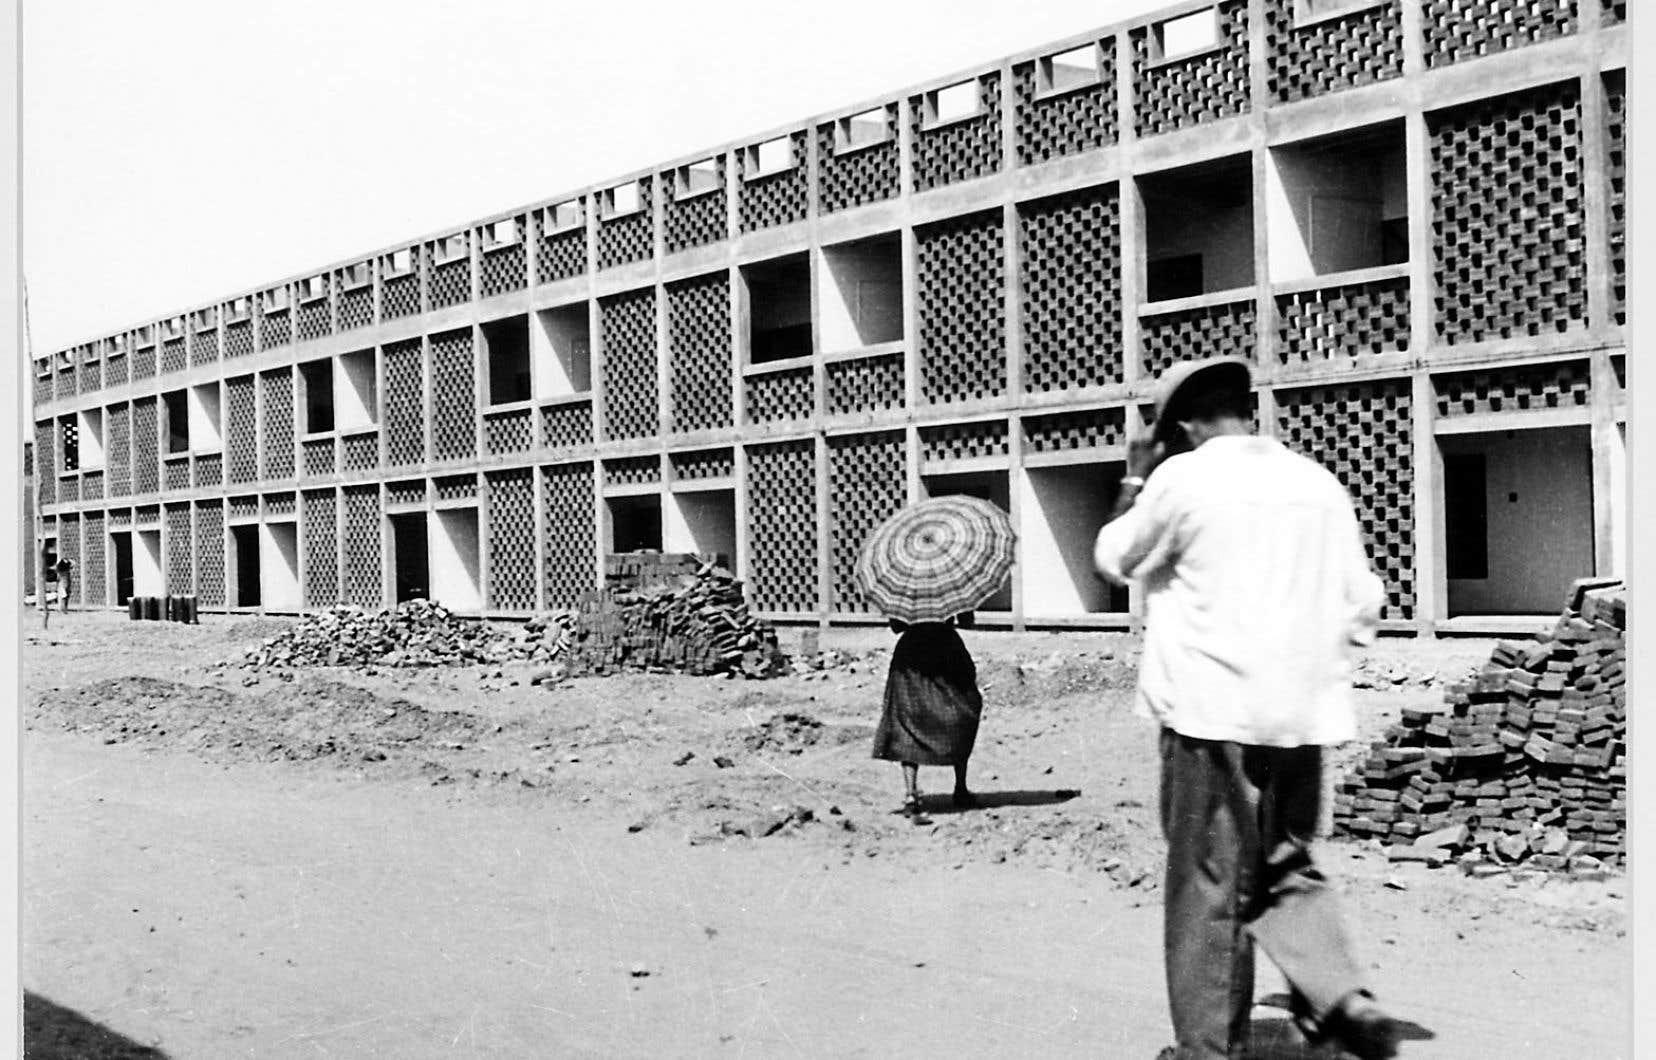 Pierre Jeanneret, architecte. Maisons gouvernementales à deux étages, à Chandigarh, en Inde, en 1956.